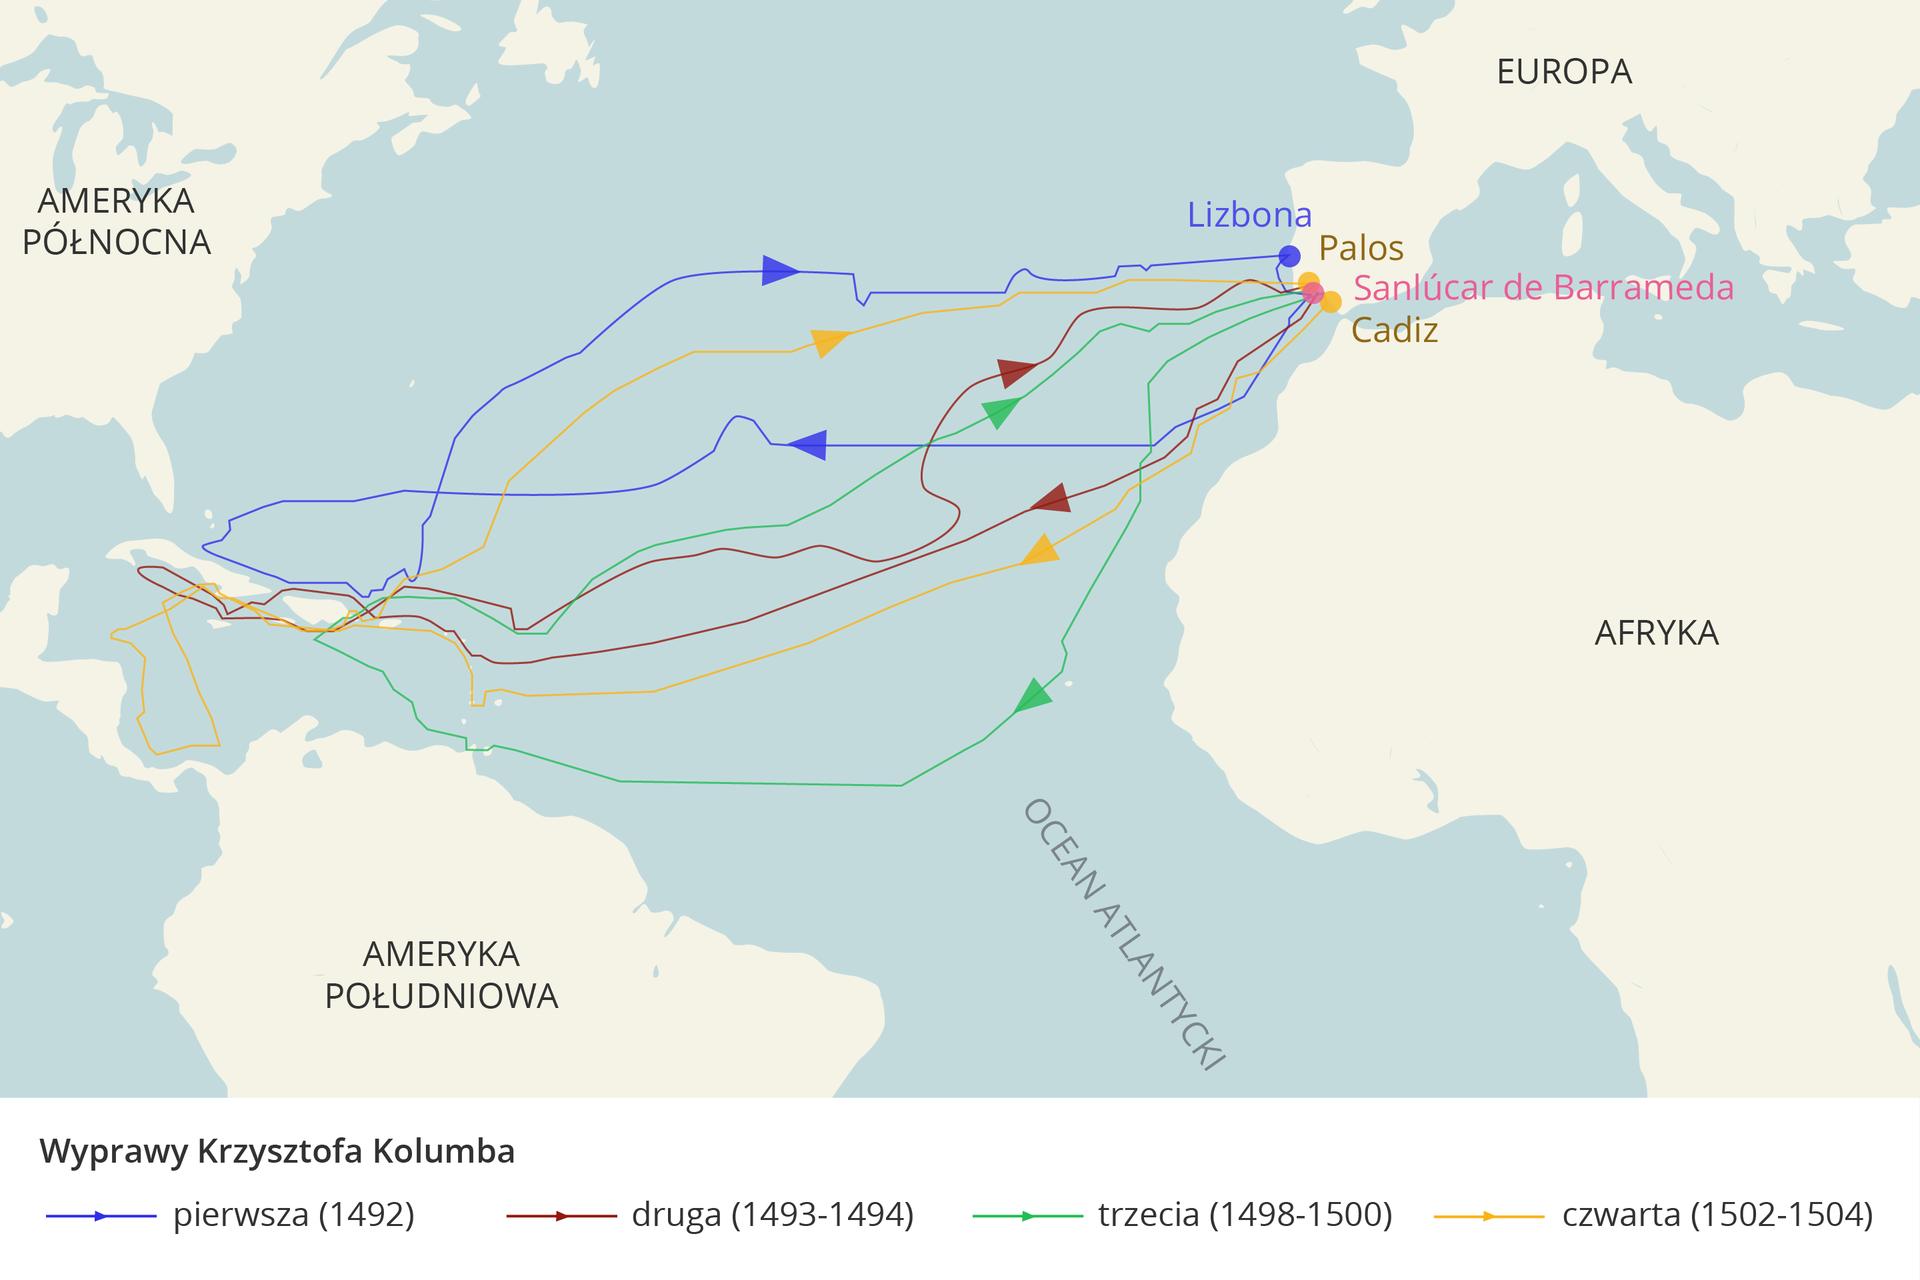 Ilustracja prezentuje mapę zoznaczonymi trasami wypraw Krzysztofa Kolumba. Trasy kolejnych wypraw oznaczono kolorami: pierwsza – niebieska, druga – brązowa, trzecia – zielona, czwarta – żółta. Wszystkie wyprawy rozpoczynają się wPortugalii, poprzez Ocean Atlantycki do wybrzeży Kuby, Haiti, Jamajki, Trynidadu iAmeryki Środkowej.